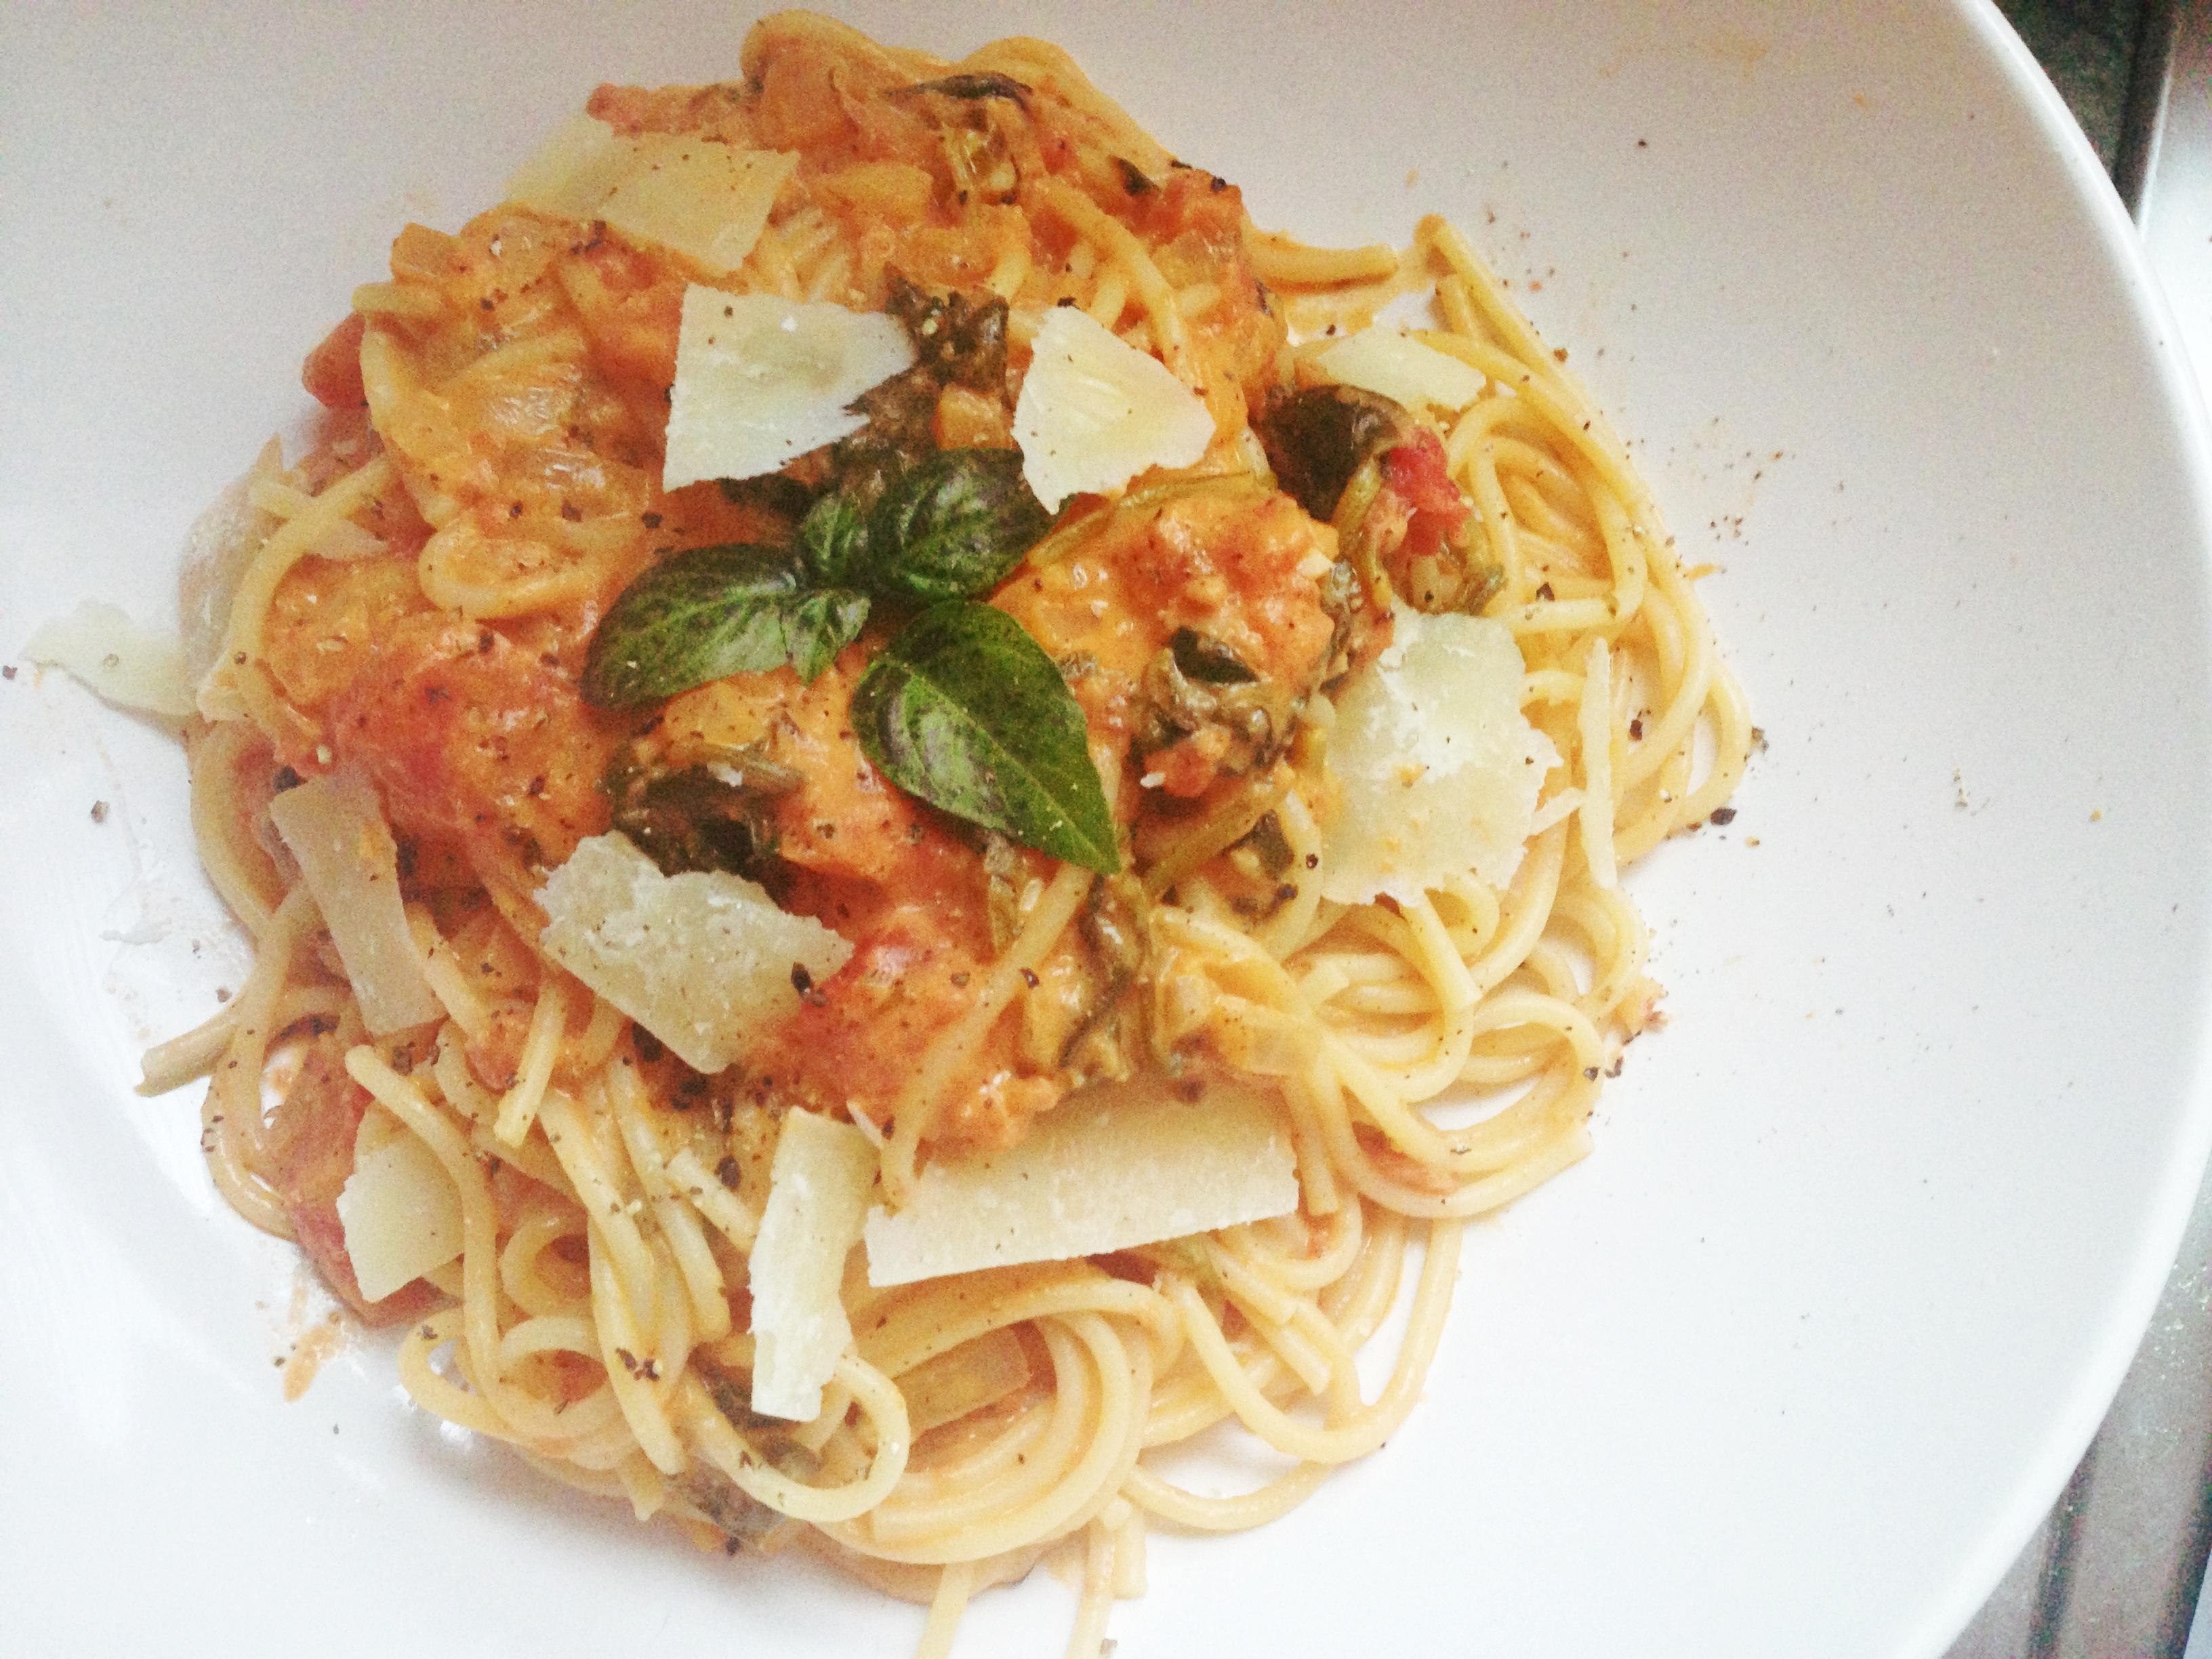 Pasta With A Saffron Mascarpone Sauce Recipes — Dishmaps